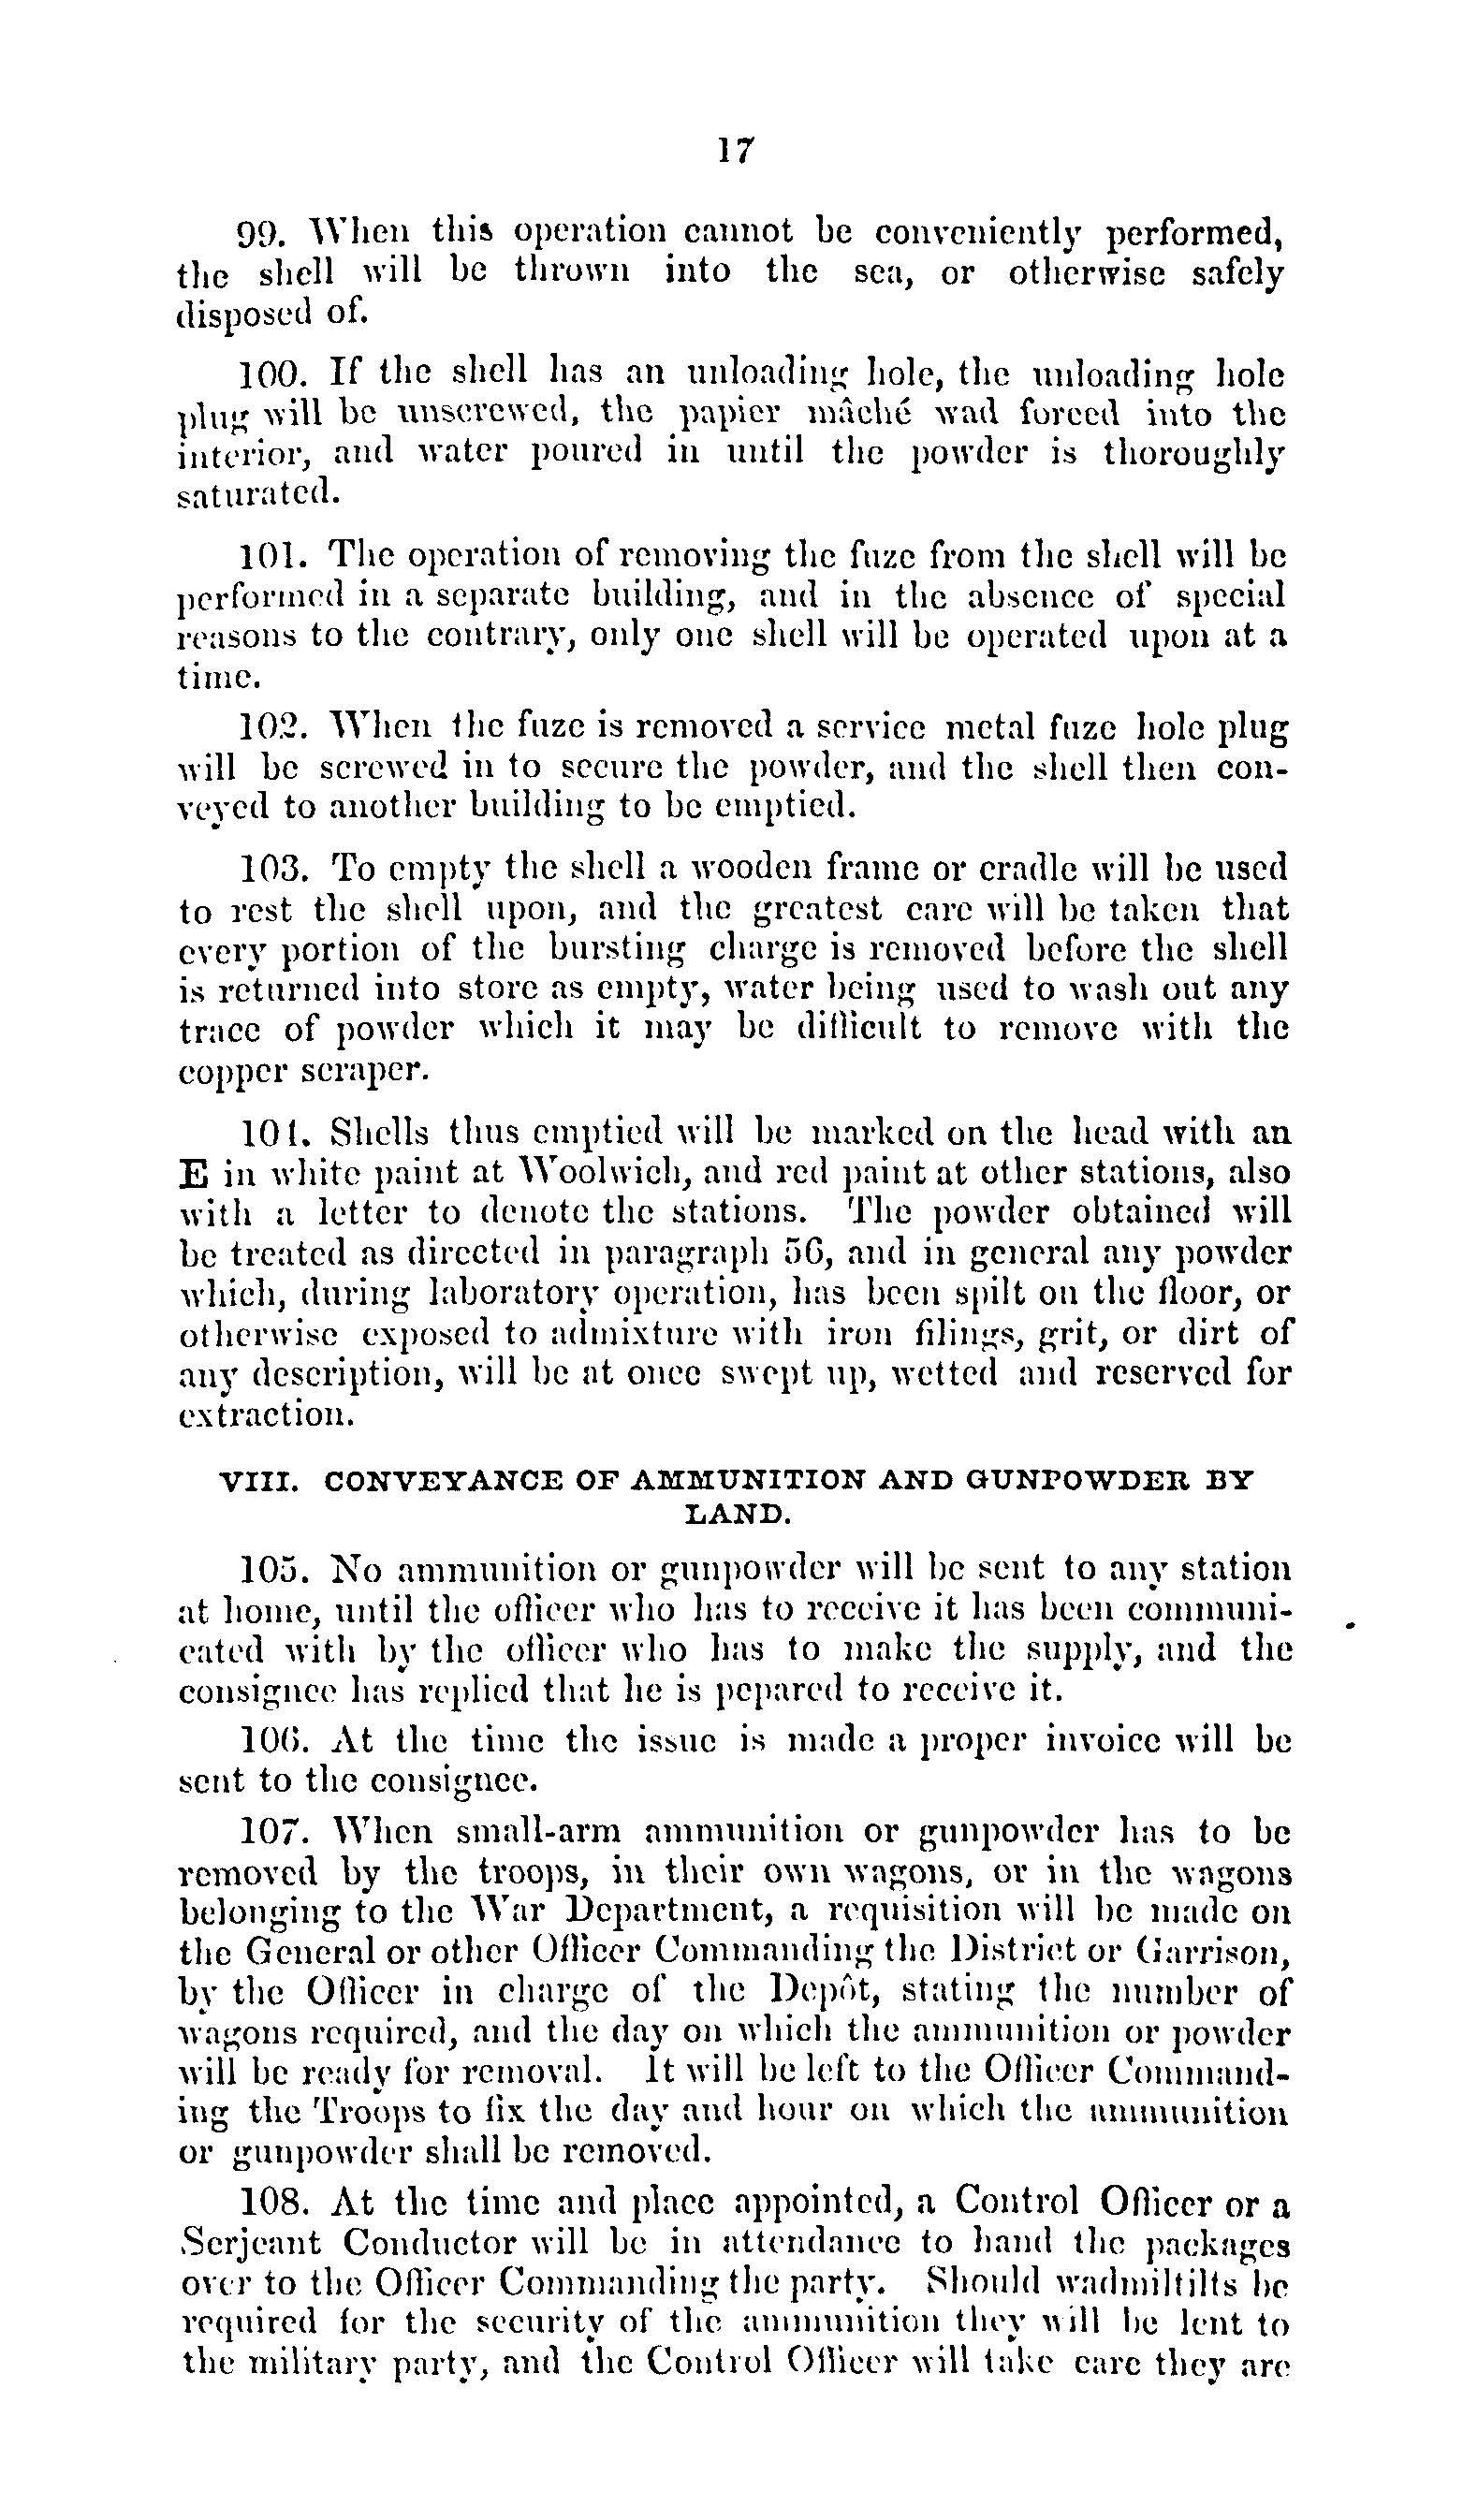 gunpowder regs_Page_17